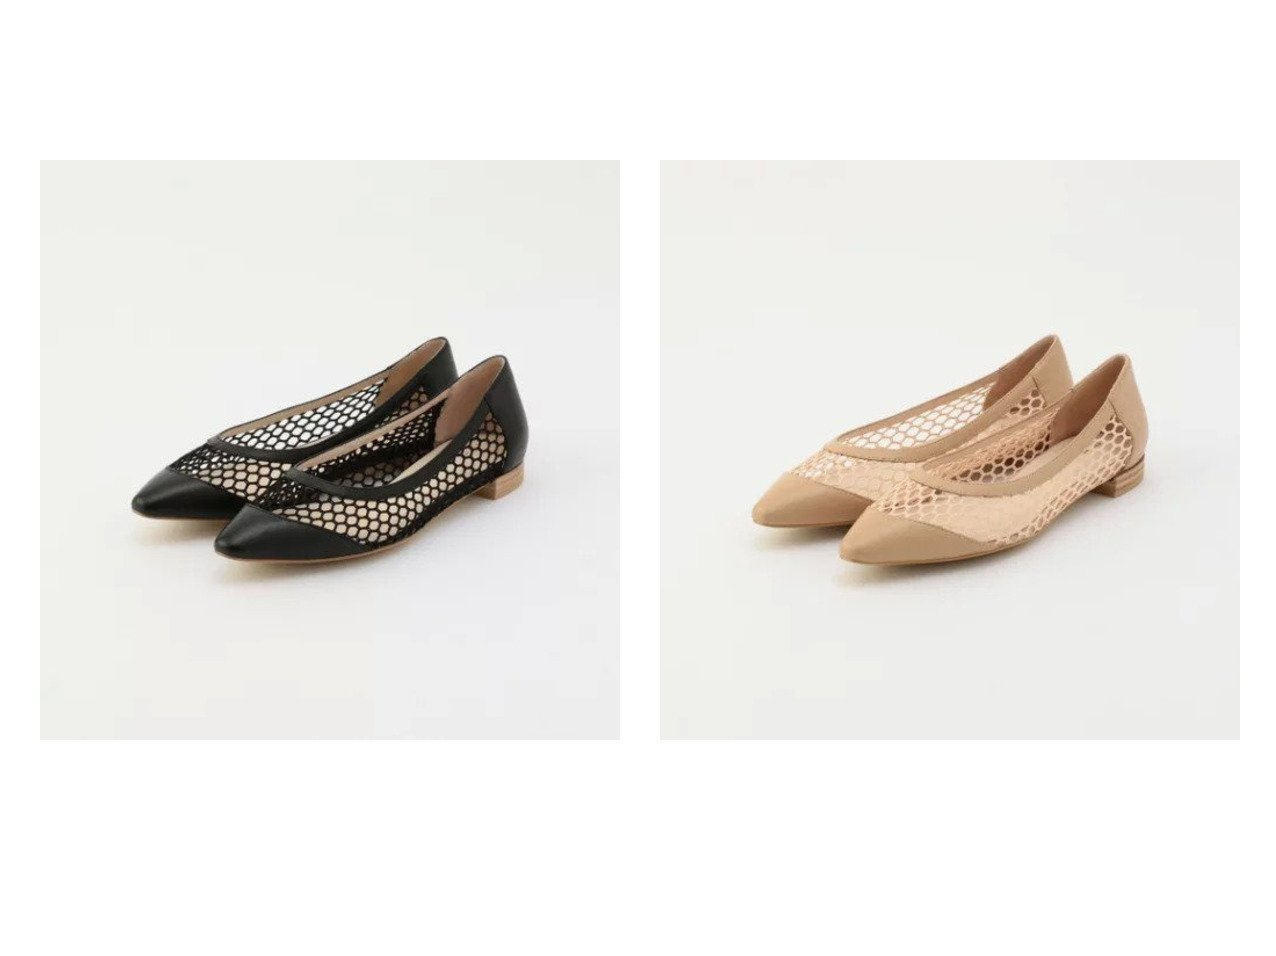 【NOLLEY'S/ノーリーズ】の【 モヒ】メッシュパンプス シューズ・靴のおすすめ!人気、トレンド・レディースファッションの通販 おすすめで人気の流行・トレンド、ファッションの通販商品 メンズファッション・キッズファッション・インテリア・家具・レディースファッション・服の通販 founy(ファニー) https://founy.com/ ファッション Fashion レディースファッション WOMEN おすすめ Recommend シューズ ジュート スマート ソックス フォルム メッシュ  ID:crp329100000023336